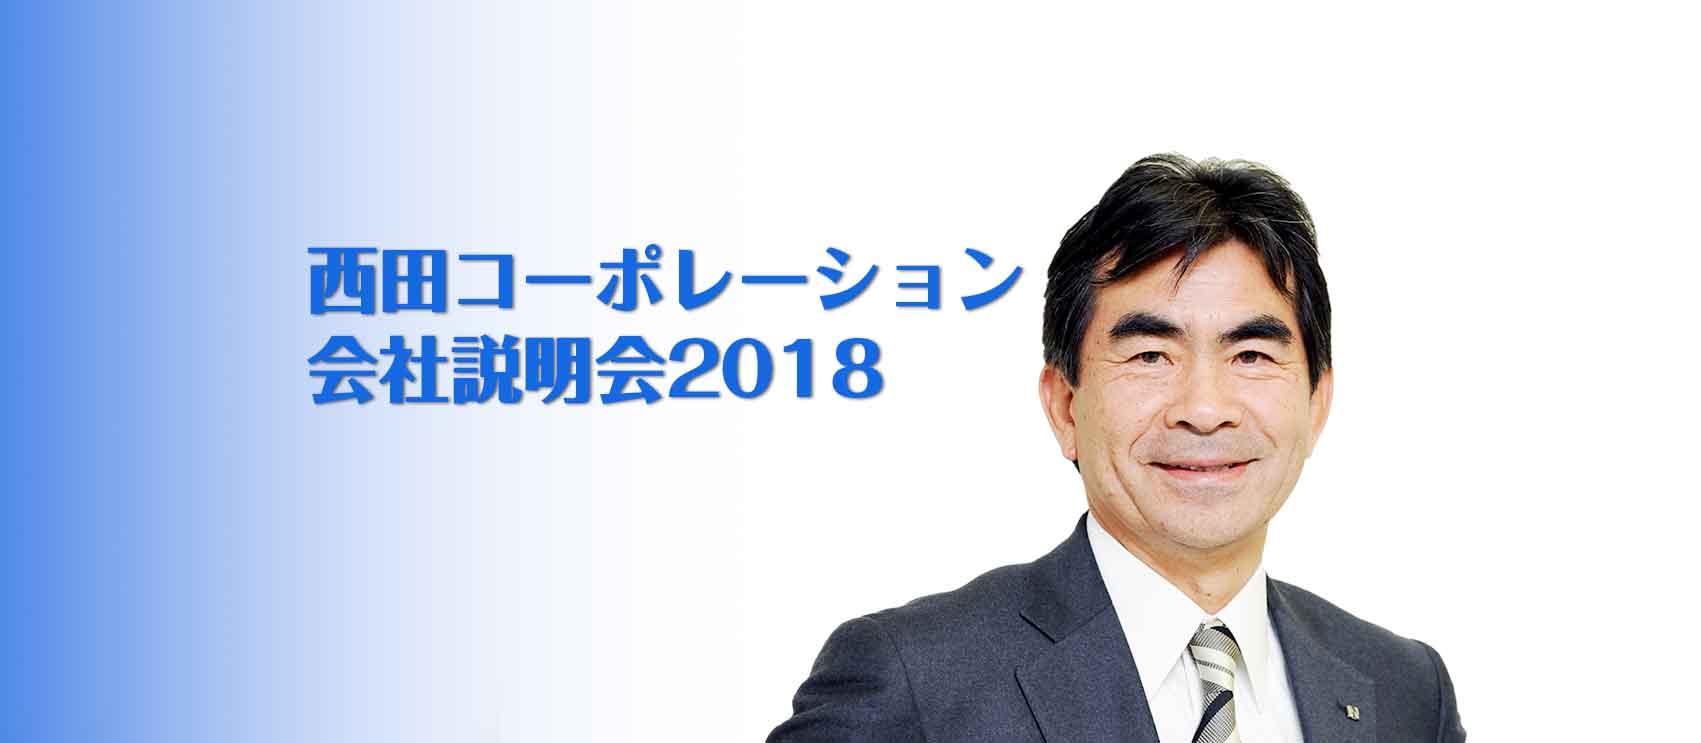 3/21(火)・3/30(木)会社説明会直前まで予約受付中!